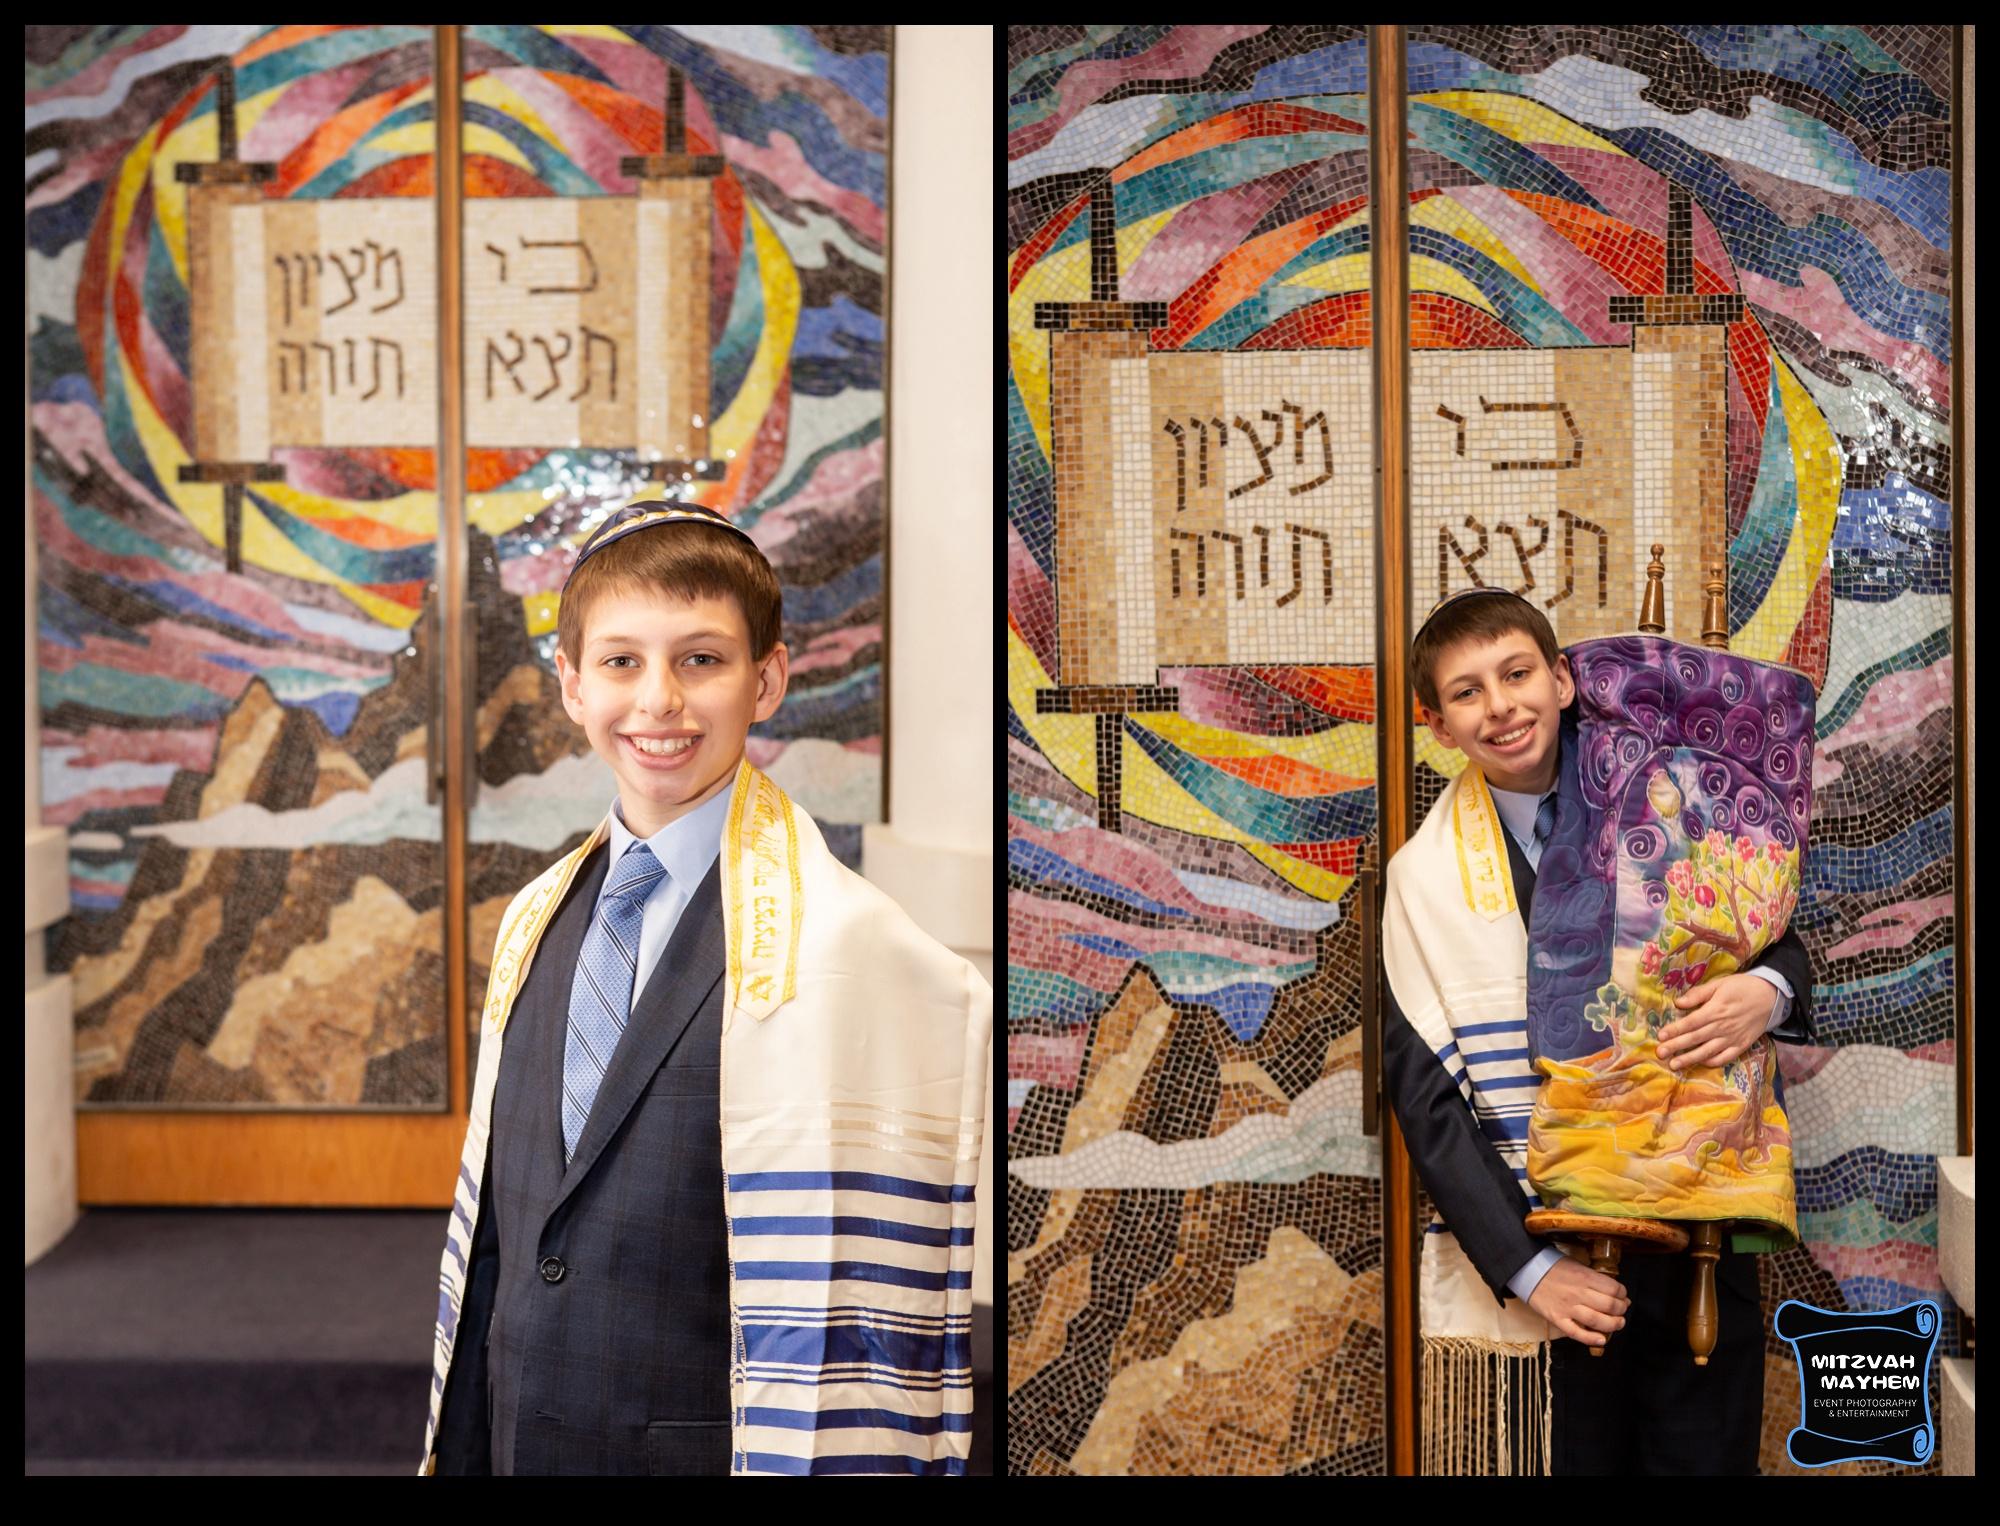 nj-bar-mitzvah-beth-chaim-0044.jpg